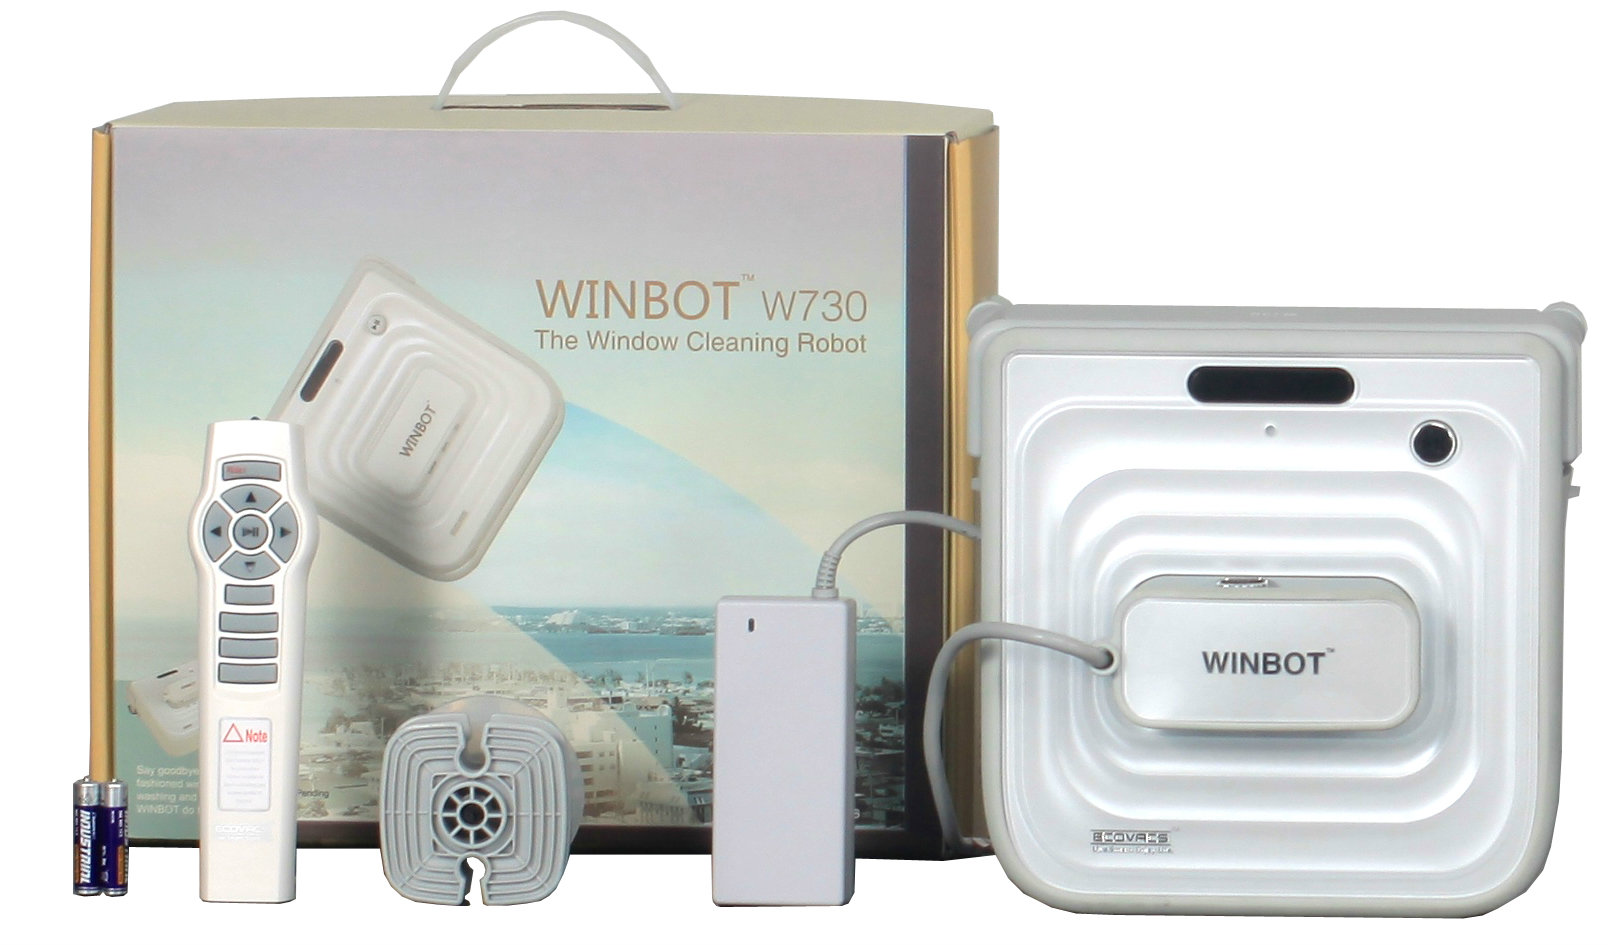 Winbot 730 - Boite et accessoires